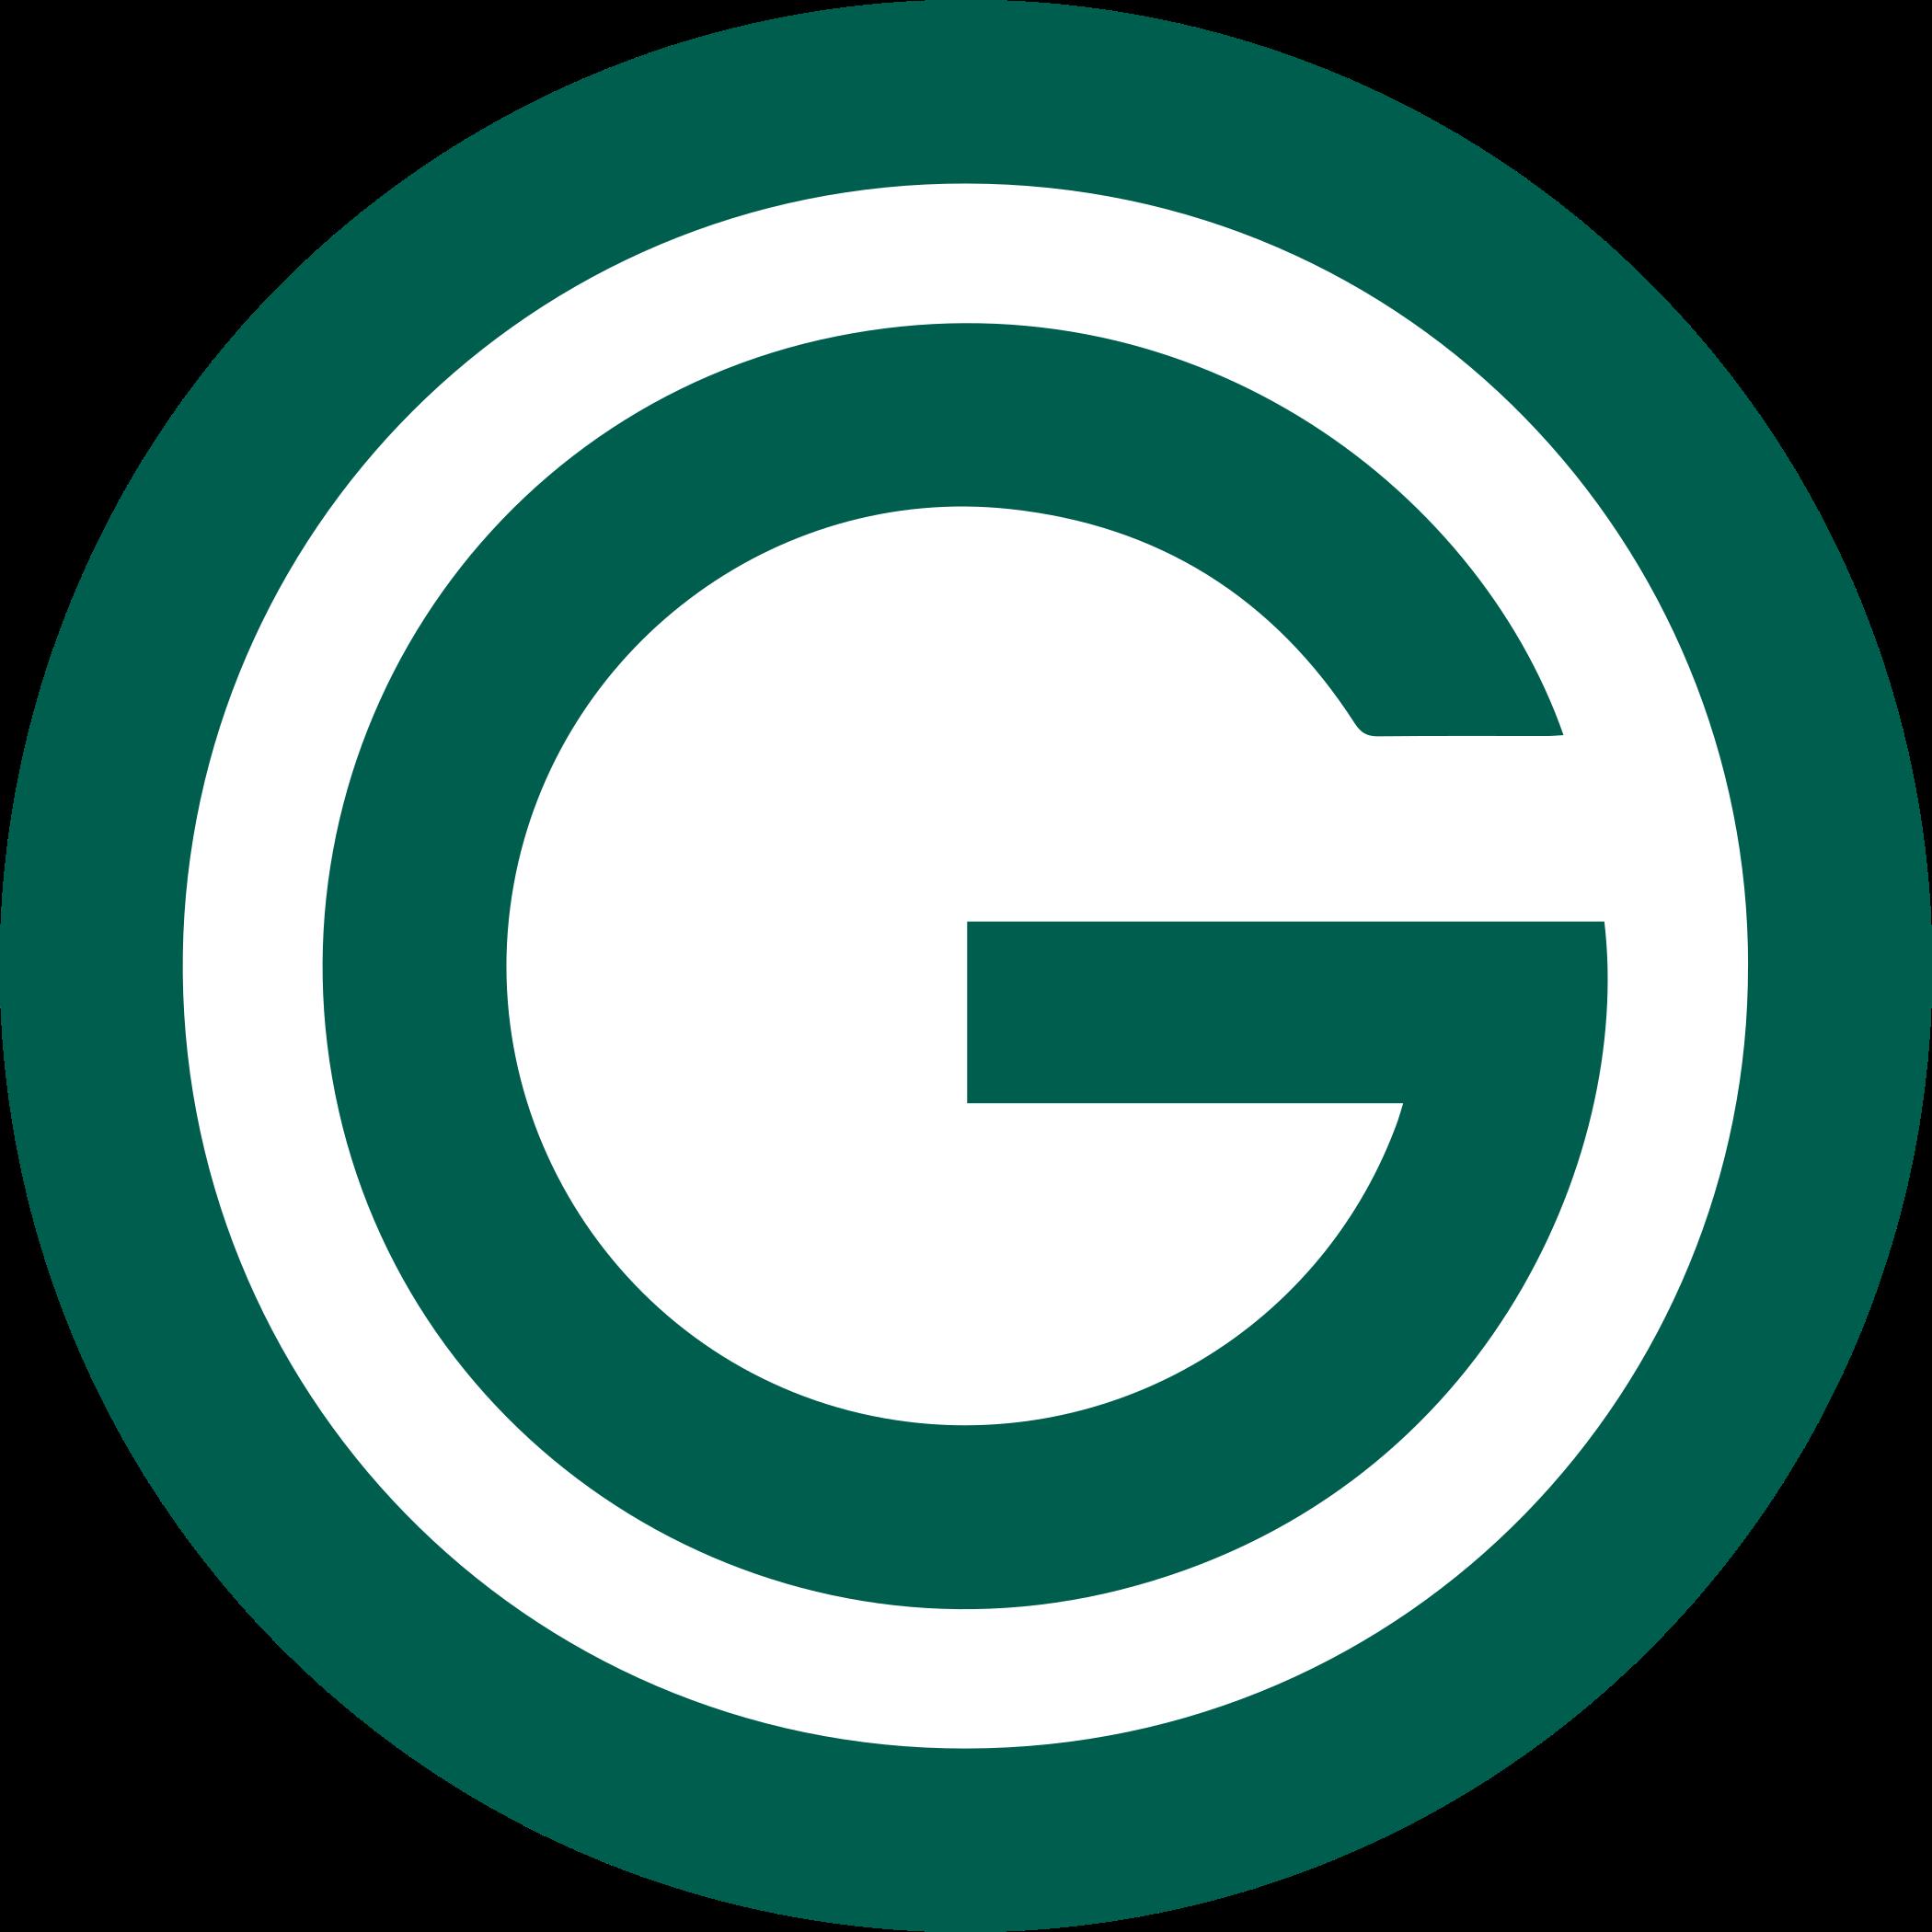 goias logo escudo 1 1 - Goiás EC Logo